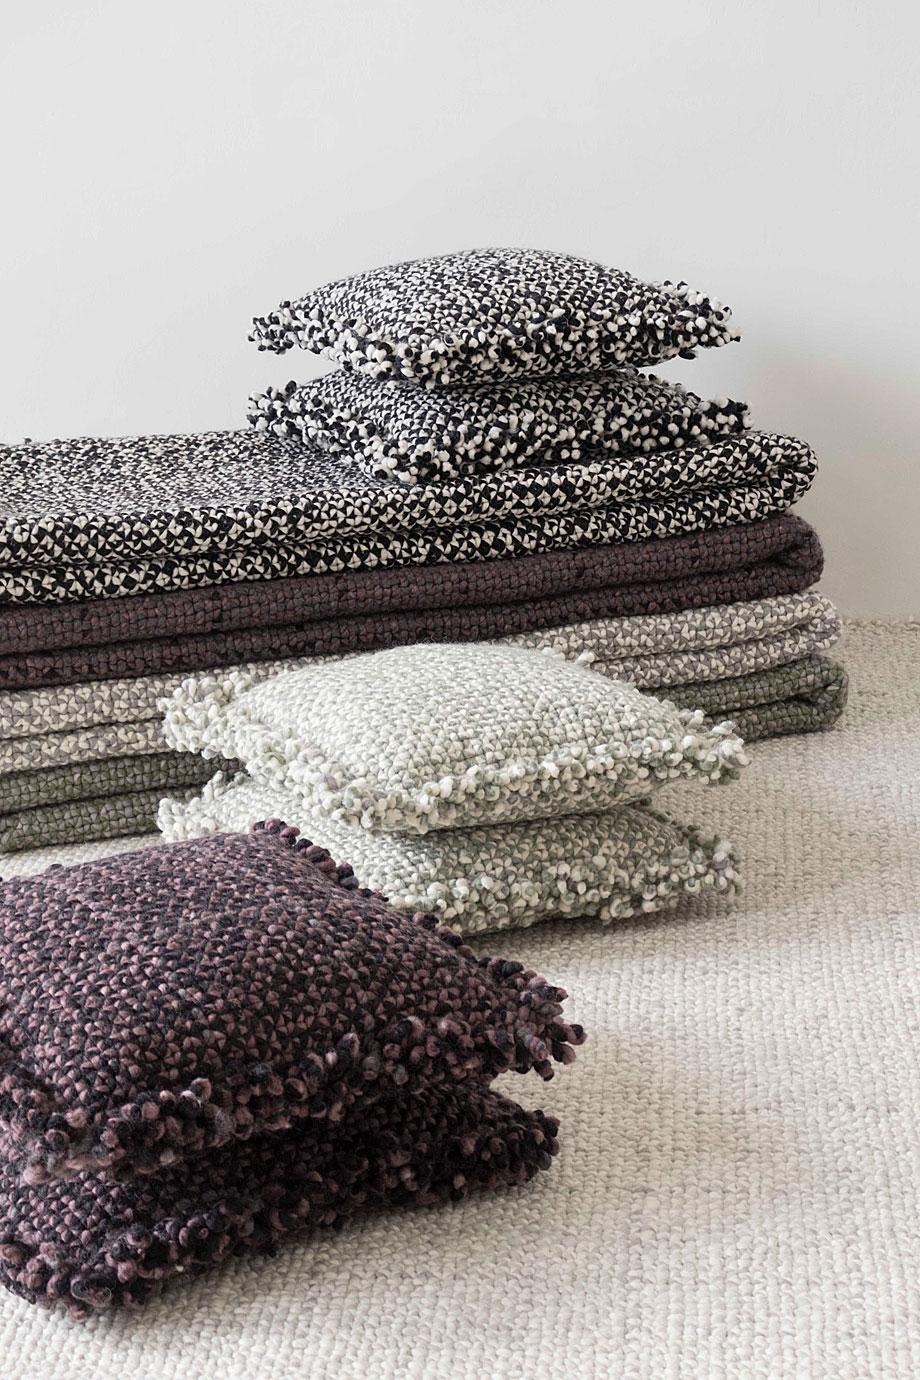 alfombras-cojines-waan-dienke-dekker-gan (6)